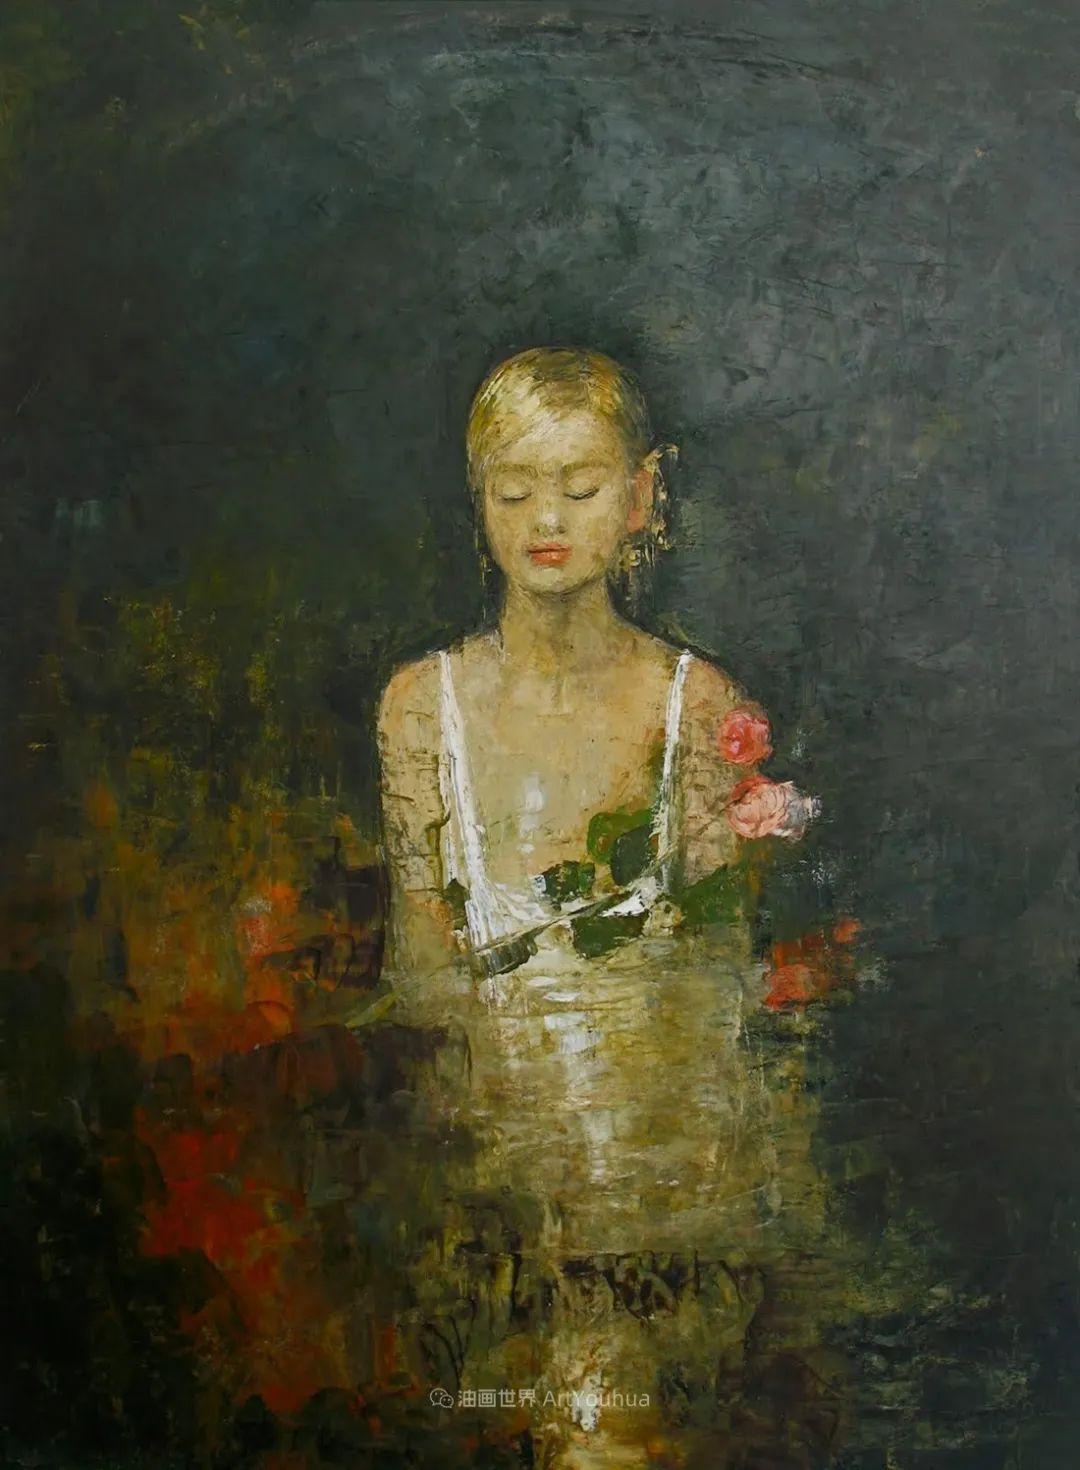 马耳他女画家 Goxwa Borg 戈克斯瓦·博格作品欣赏: 古典又现代!插图81